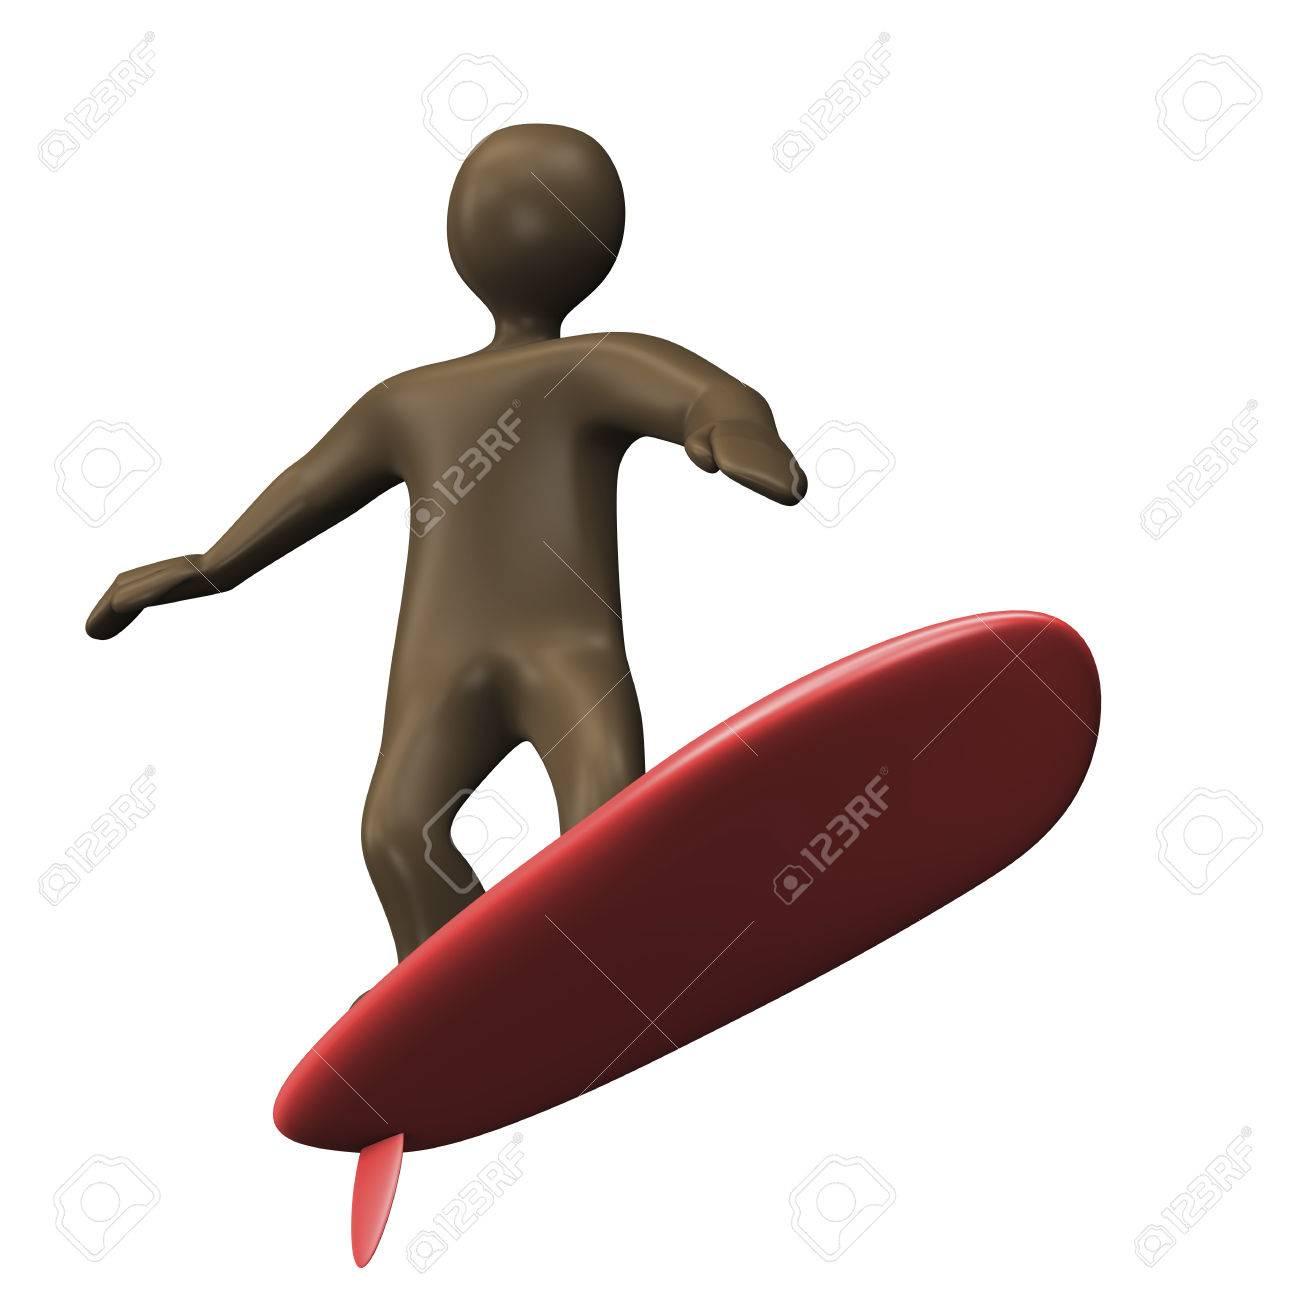 Personnage De Dessin Anime Noir Avec Planche De Surf 3d Illustration Banque D Images Et Photos Libres De Droits Image 37644516